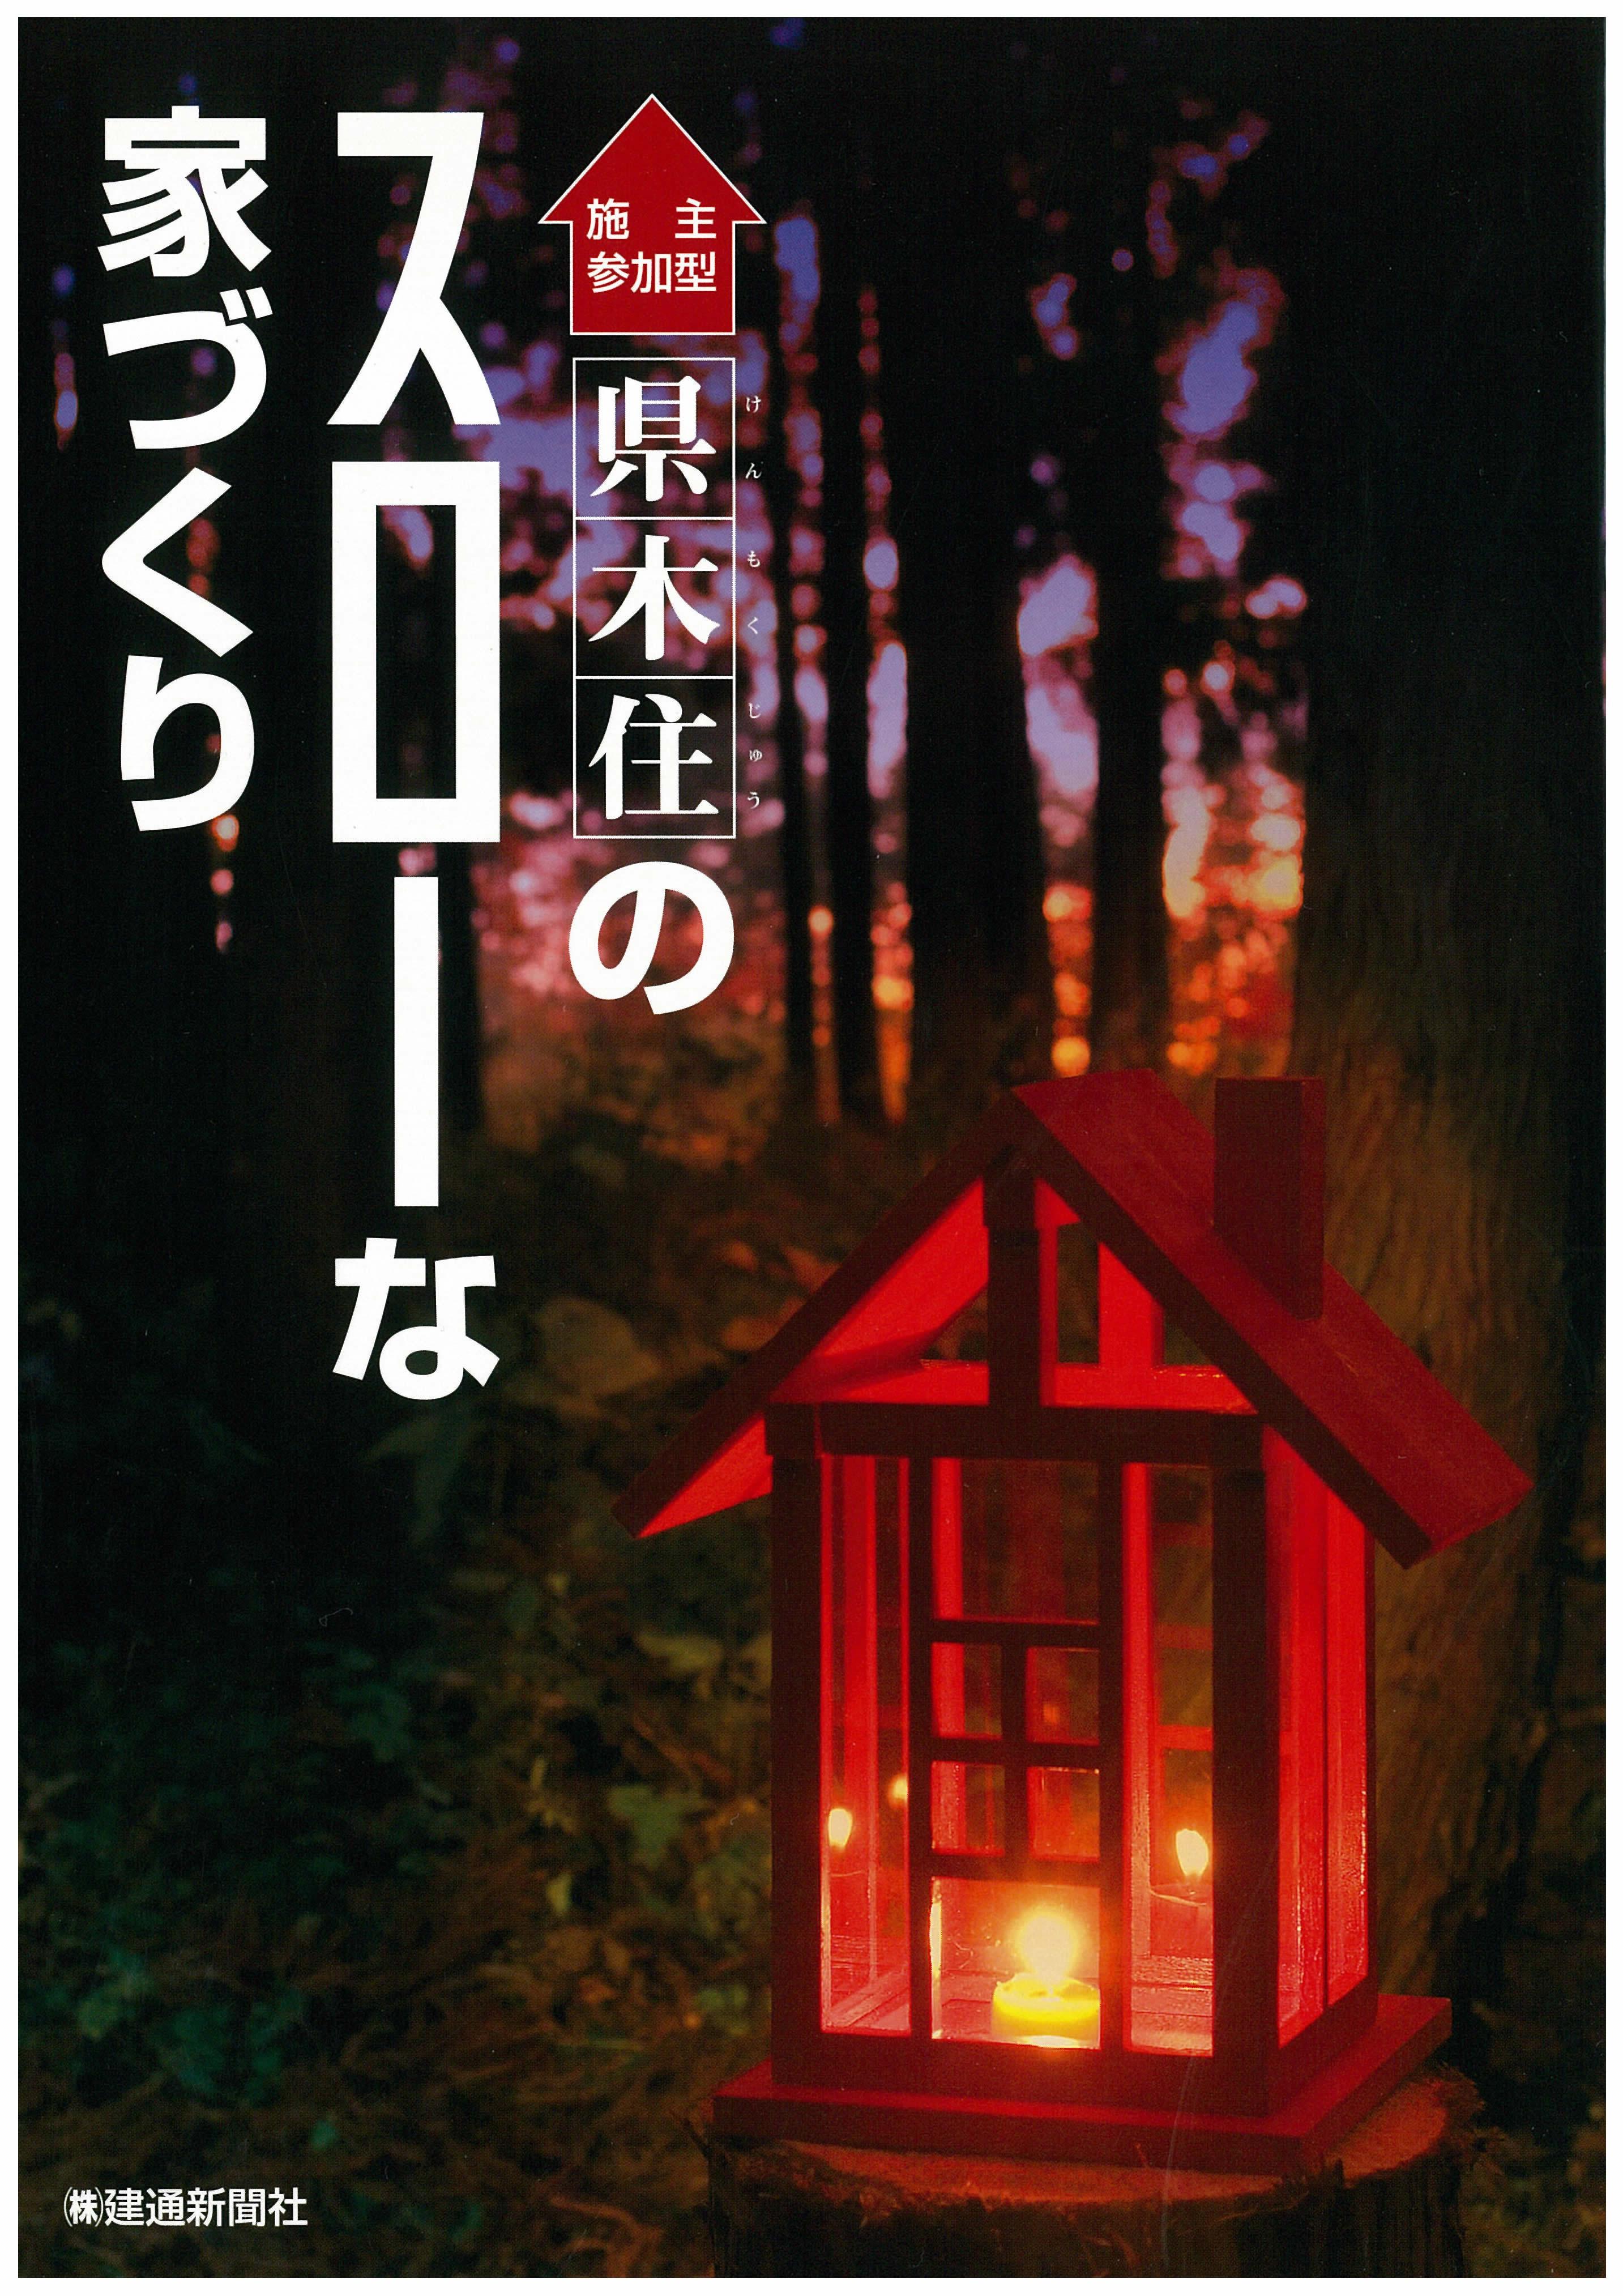 県木住のスローな家づくり画像